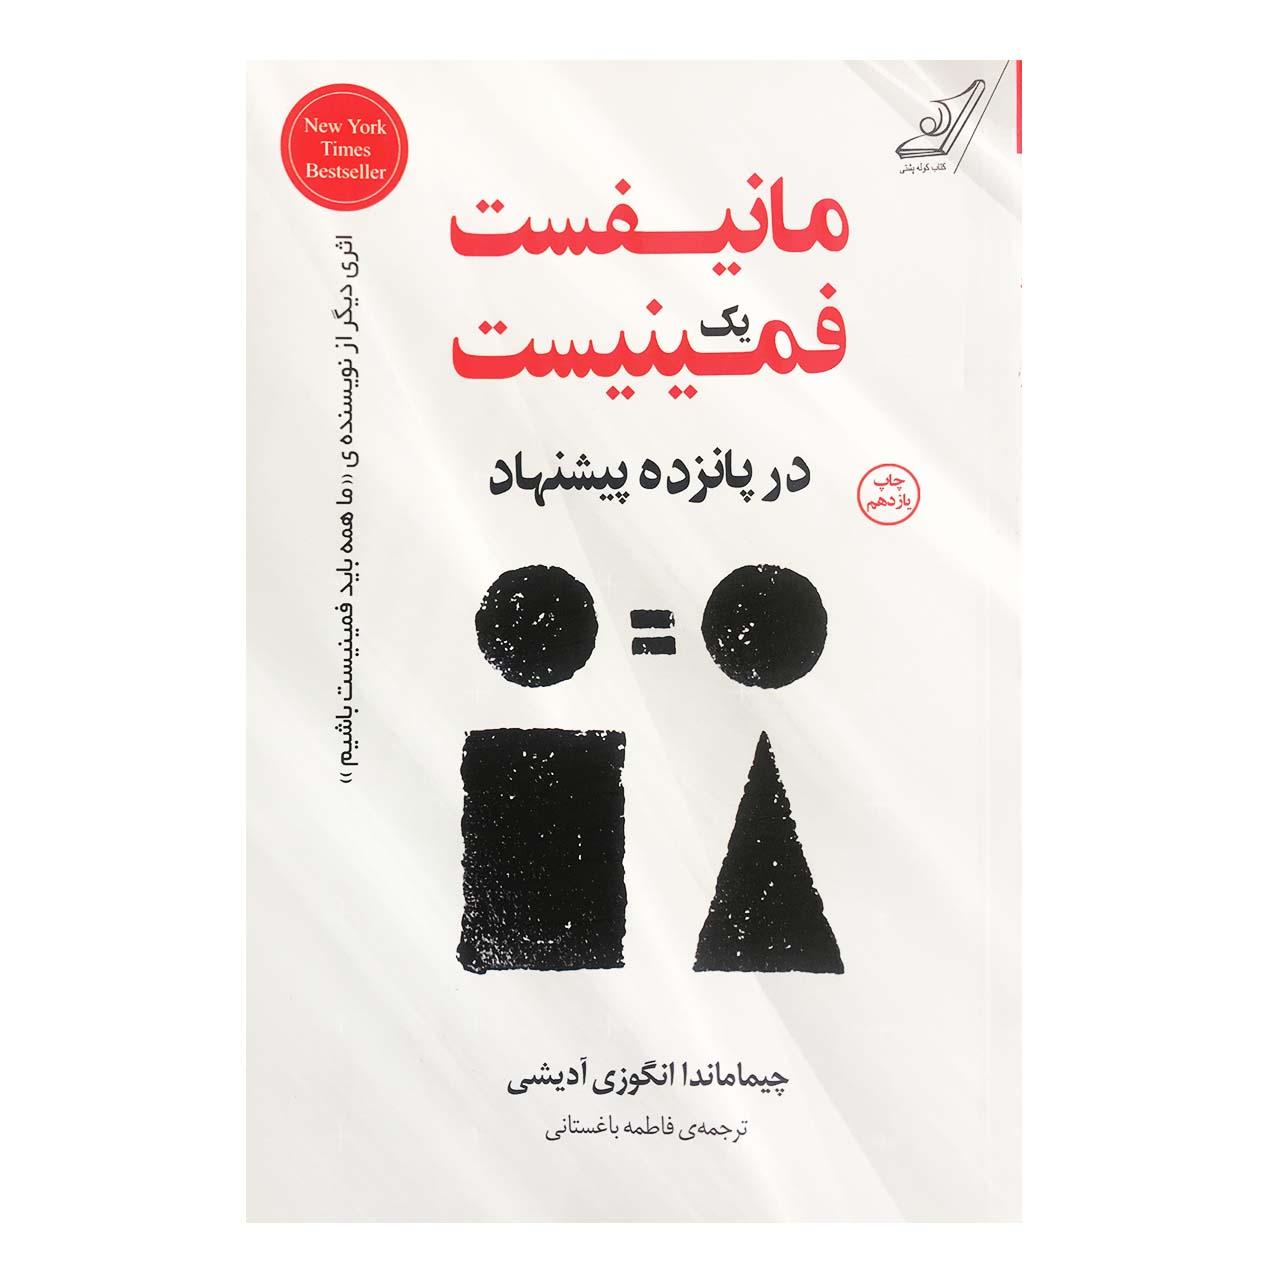 خرید                      کتاب مانیفست یک فمینیست اثر چیماماندا انگوزی آدیشی انتشارات کتاب کوله پشتی